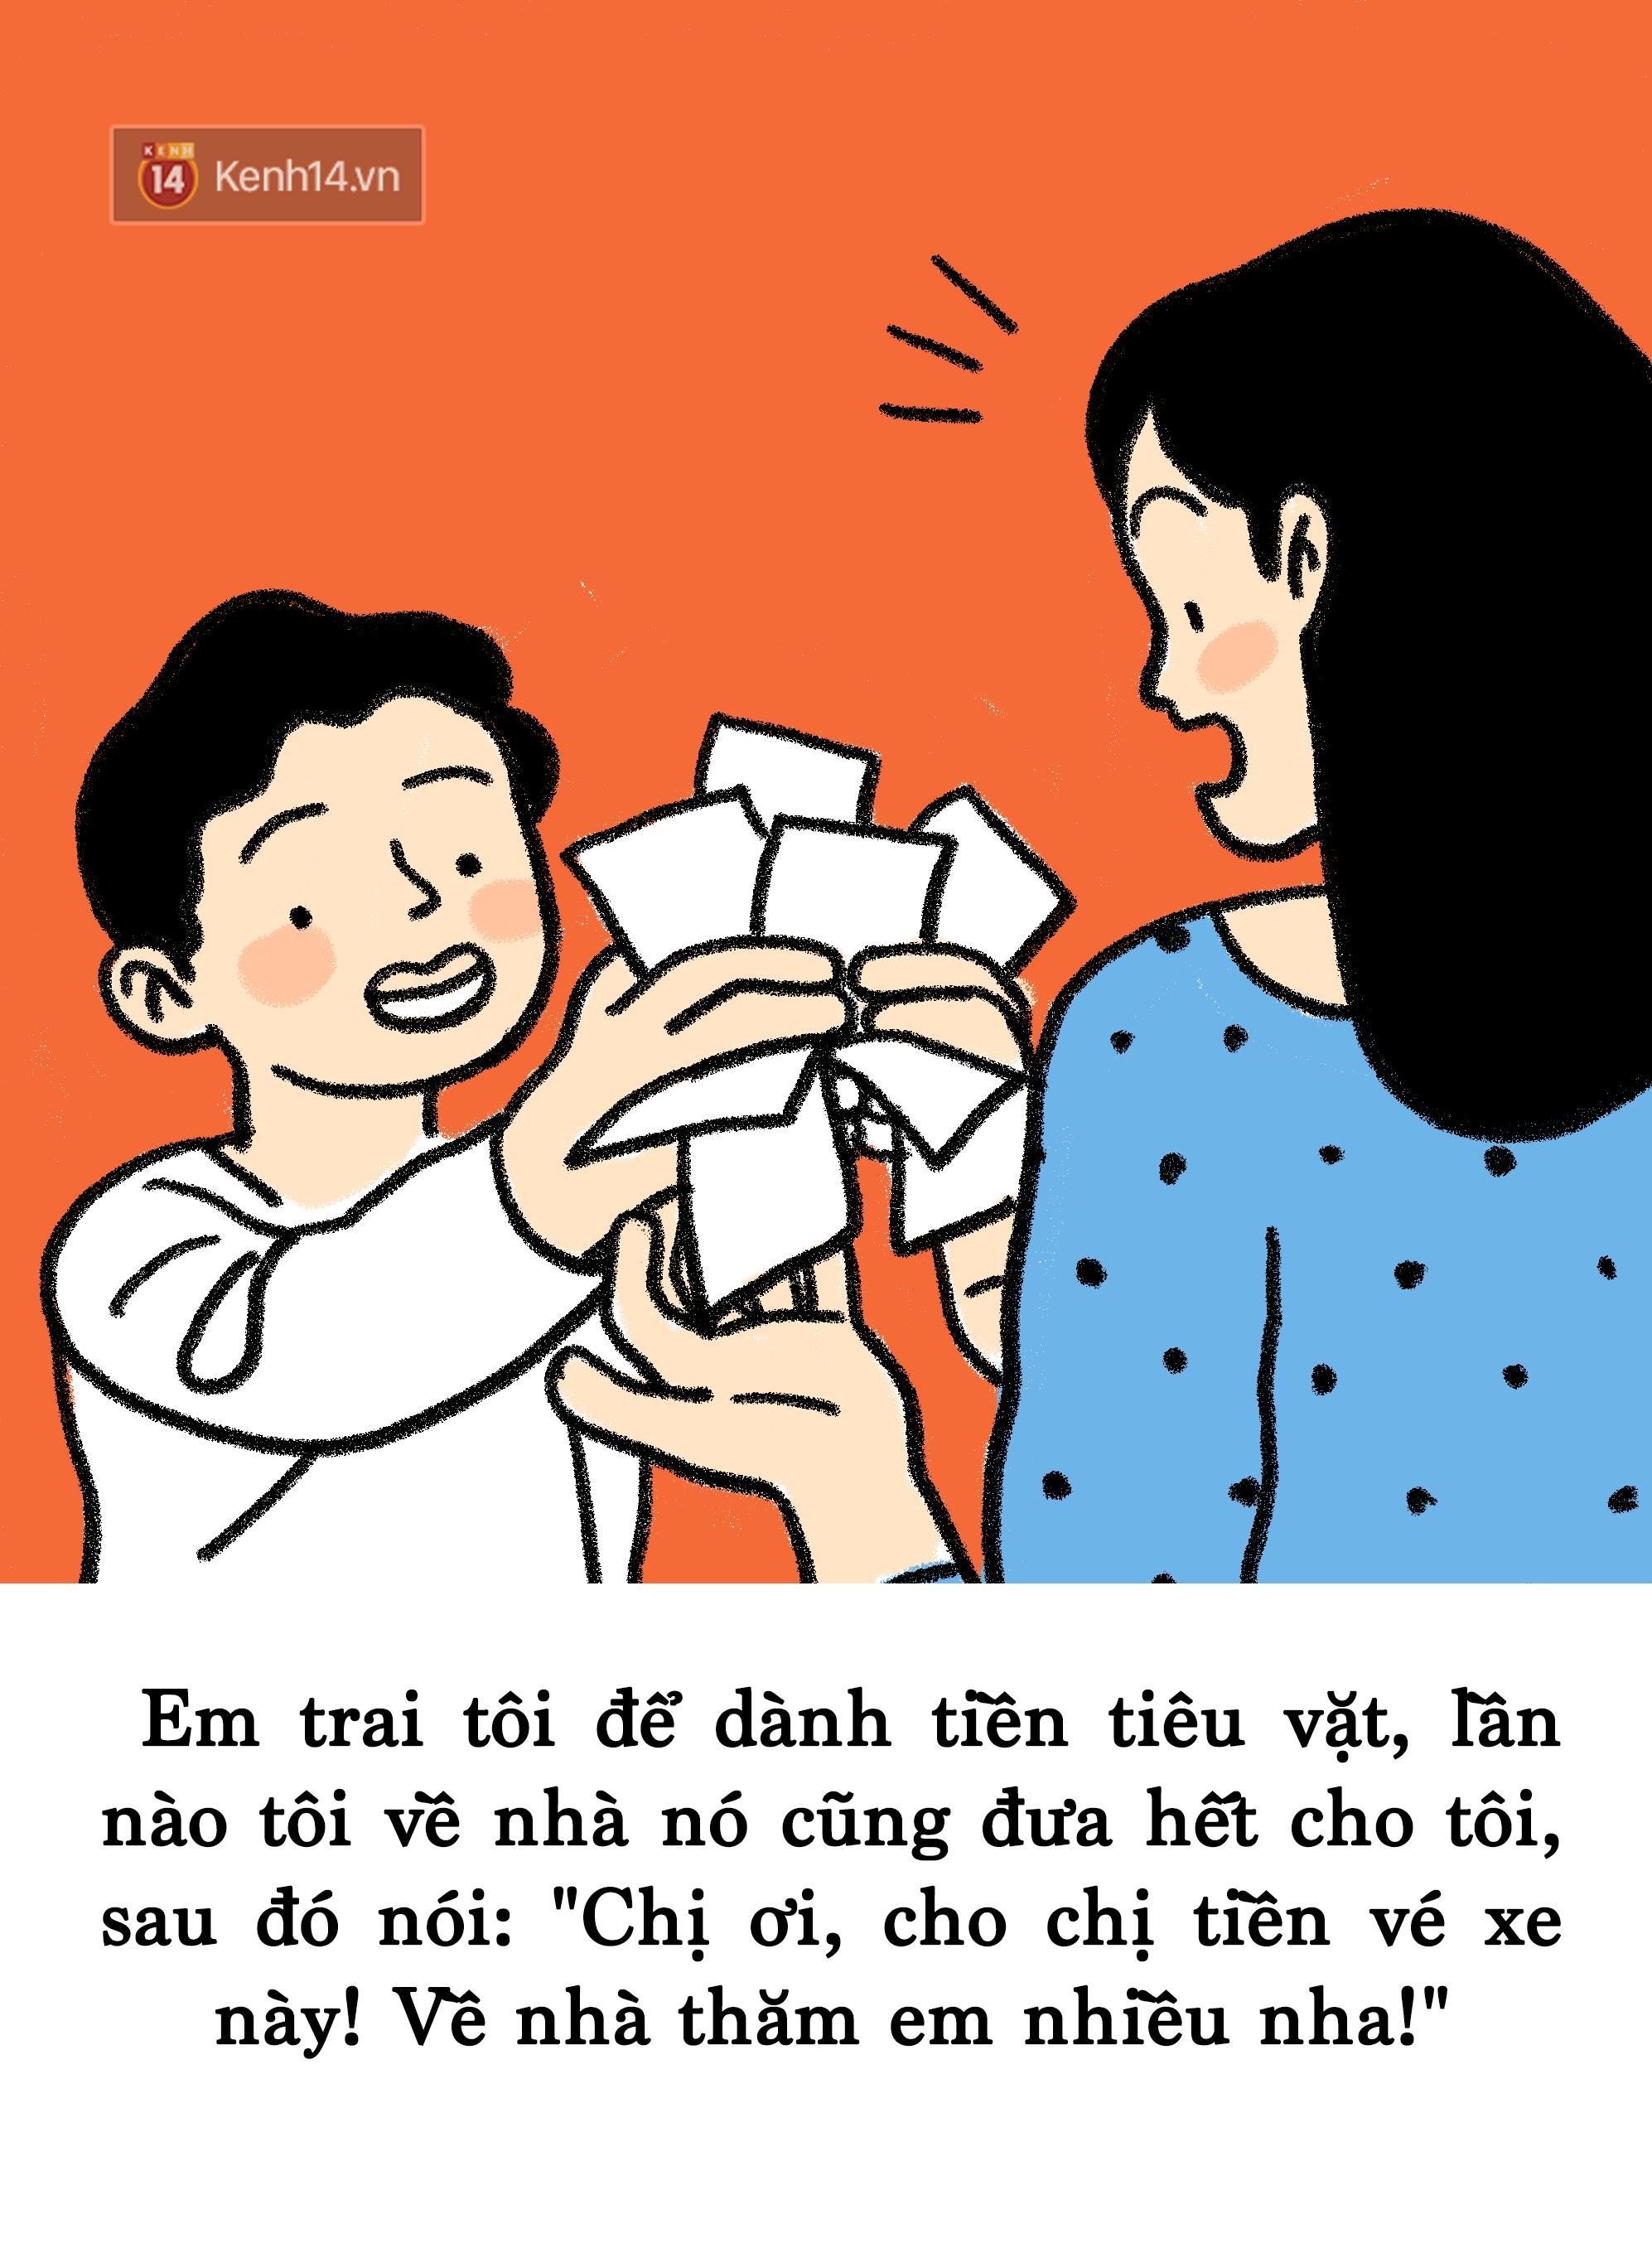 Những việc làm ấm áp của em trai chứng minh mình chính là cục nợ ngọt ngào nhất của mỗi bà chị - Ảnh 3.